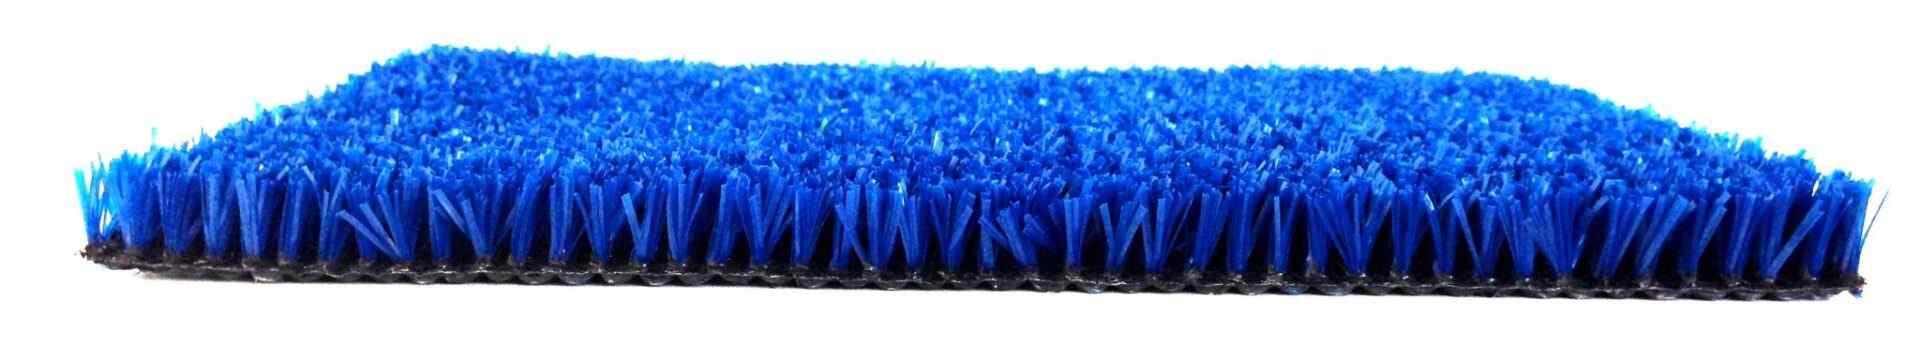 Césped padel azul